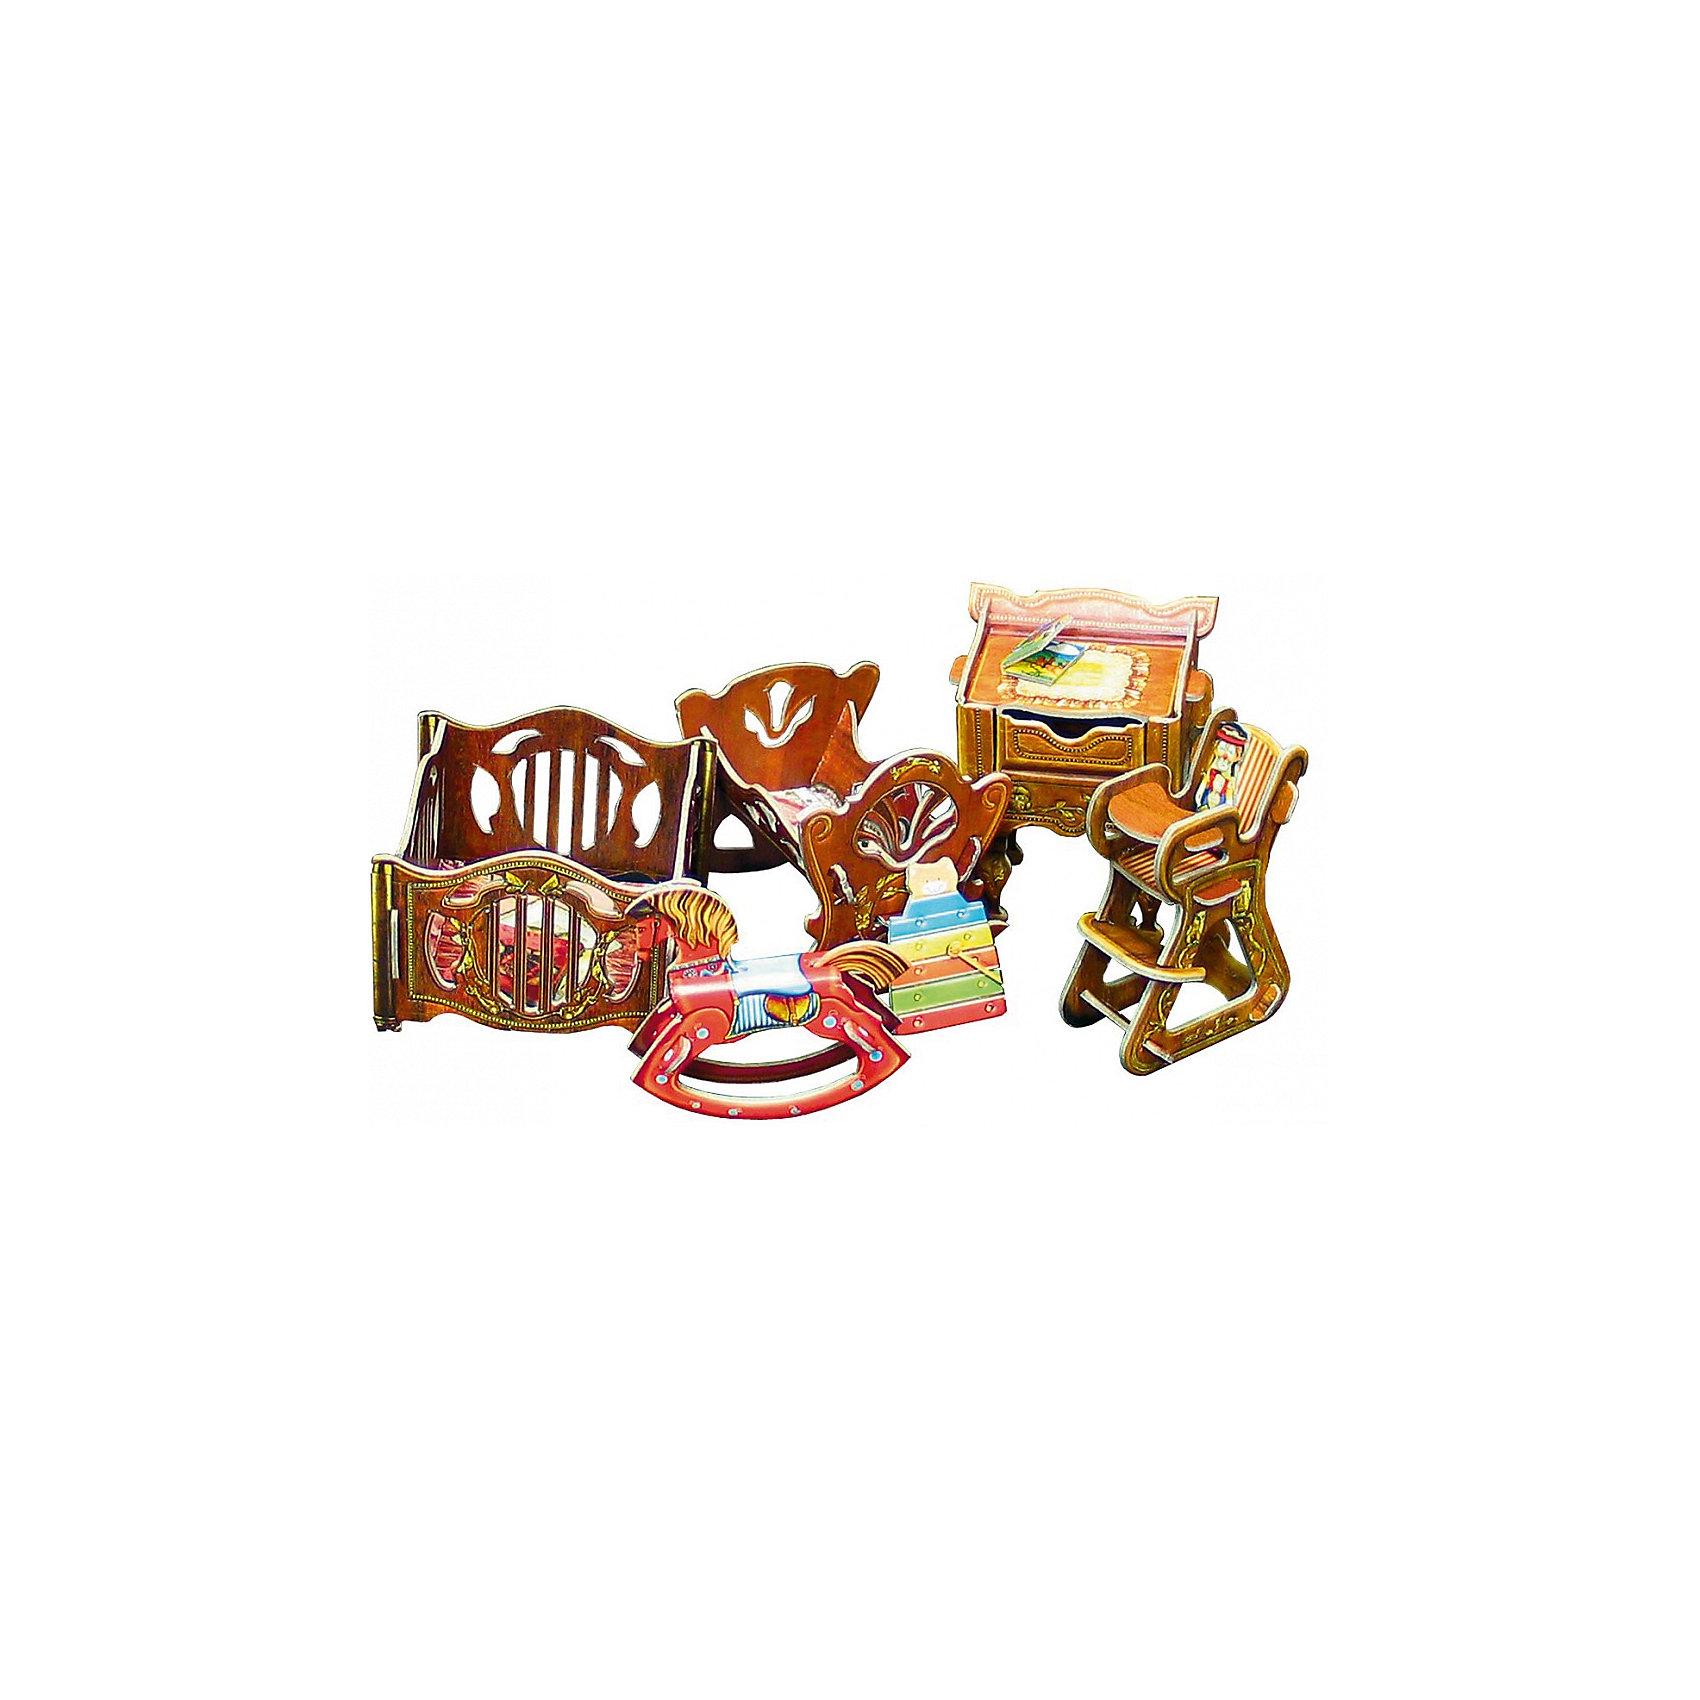 Сборная модель Набор мебели ДетскаяДетская - cюжетный игровой набор из плотного картона. Серия: Кукольный дом и мебель. Количество деталей, шт: 20. Размер в собранном виде, см: Манеж - 7 х 7 х 5. Кроватка - 7 х 6,5 х 6,5. Столик - 6 х 5 х 7,5. Стульчик - 3 х 5 х 7. Лошадка - 1,5 х 6,5 х 5,5.. Размер упаковки, мм.:  высота 250 ширина 175 глубина 3. Тип упаковки: Пакет ПП с подвесом. Вес, гр.: 104. Возраст: от 7 лет. Все модели и игрушки, созданные по технологии УМНАЯ БУМАГА собираются без ножниц и клея, что является их неповторимой особенностью.<br>Принцип соединения деталей запатентован. Соединения деталей продуманы и просчитаны с такой точностью, что при правильной сборке с моделью можно играть, как с обычной игрушкой.<br><br>Ширина мм: 175<br>Глубина мм: 3<br>Высота мм: 250<br>Вес г: 104<br>Возраст от месяцев: 84<br>Возраст до месяцев: 2147483647<br>Пол: Унисекс<br>Возраст: Детский<br>SKU: 4807409